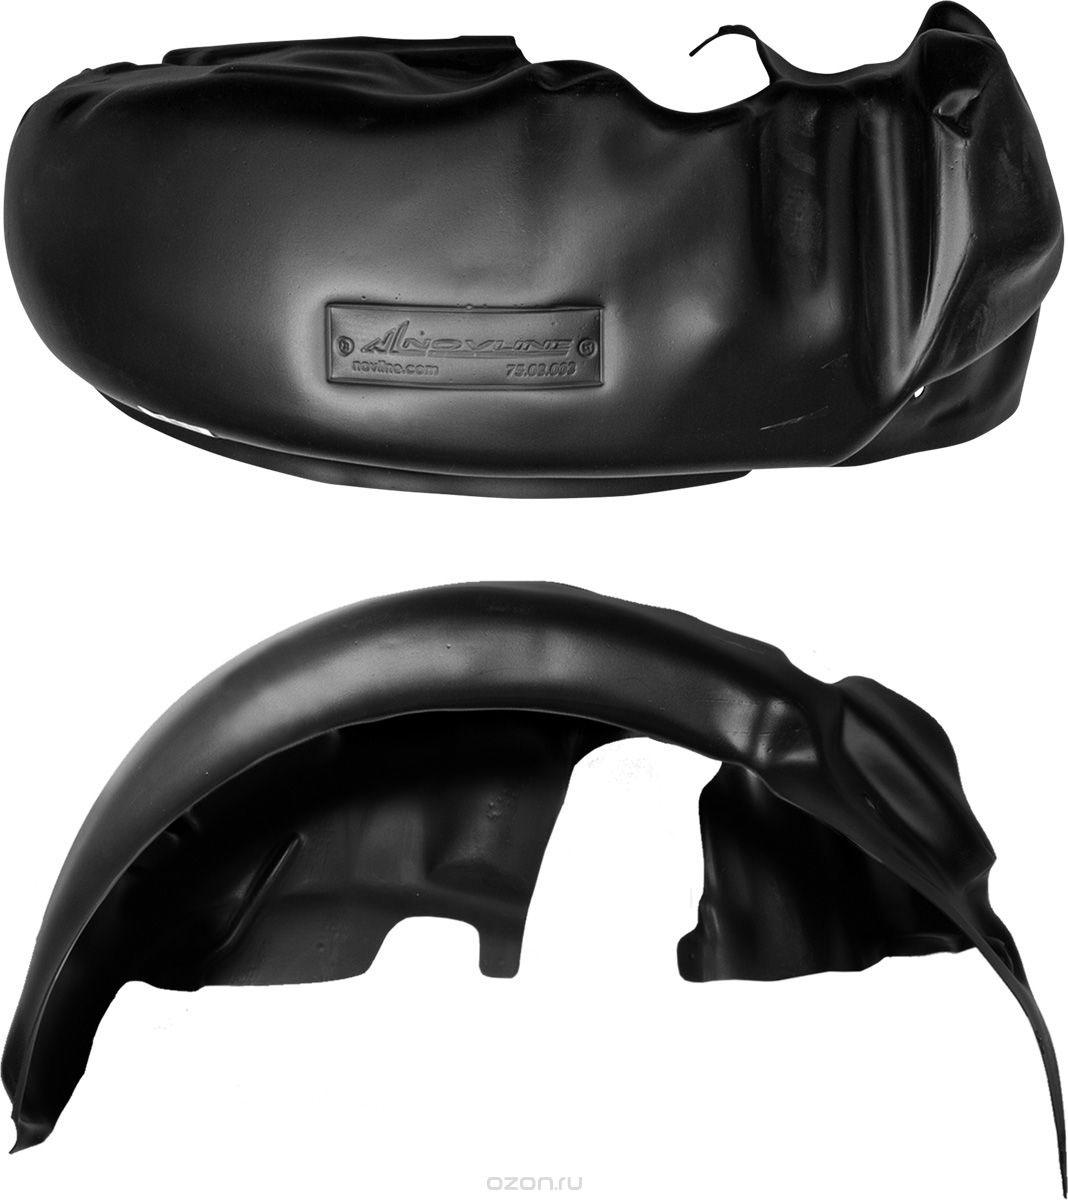 Подкрылок Novline-Autofamily, для Ford Focus 3 рестайлинг, 2015->, седан, передний правыйNLL.16.32.002Идеальная защита колесной ниши. Локеры разработаны с применением цифровых технологий, гарантируют максимальную повторяемость поверхности арки. Изделия устанавливаются без нарушения лакокрасочного покрытия автомобиля, каждый подкрылок комплектуется крепежом. Уважаемые клиенты, обращаем ваше внимание, что фотографии на подкрылки универсальные и не отражают реальную форму изделия. При этом само изделие идет точно под размер указанного автомобиля.